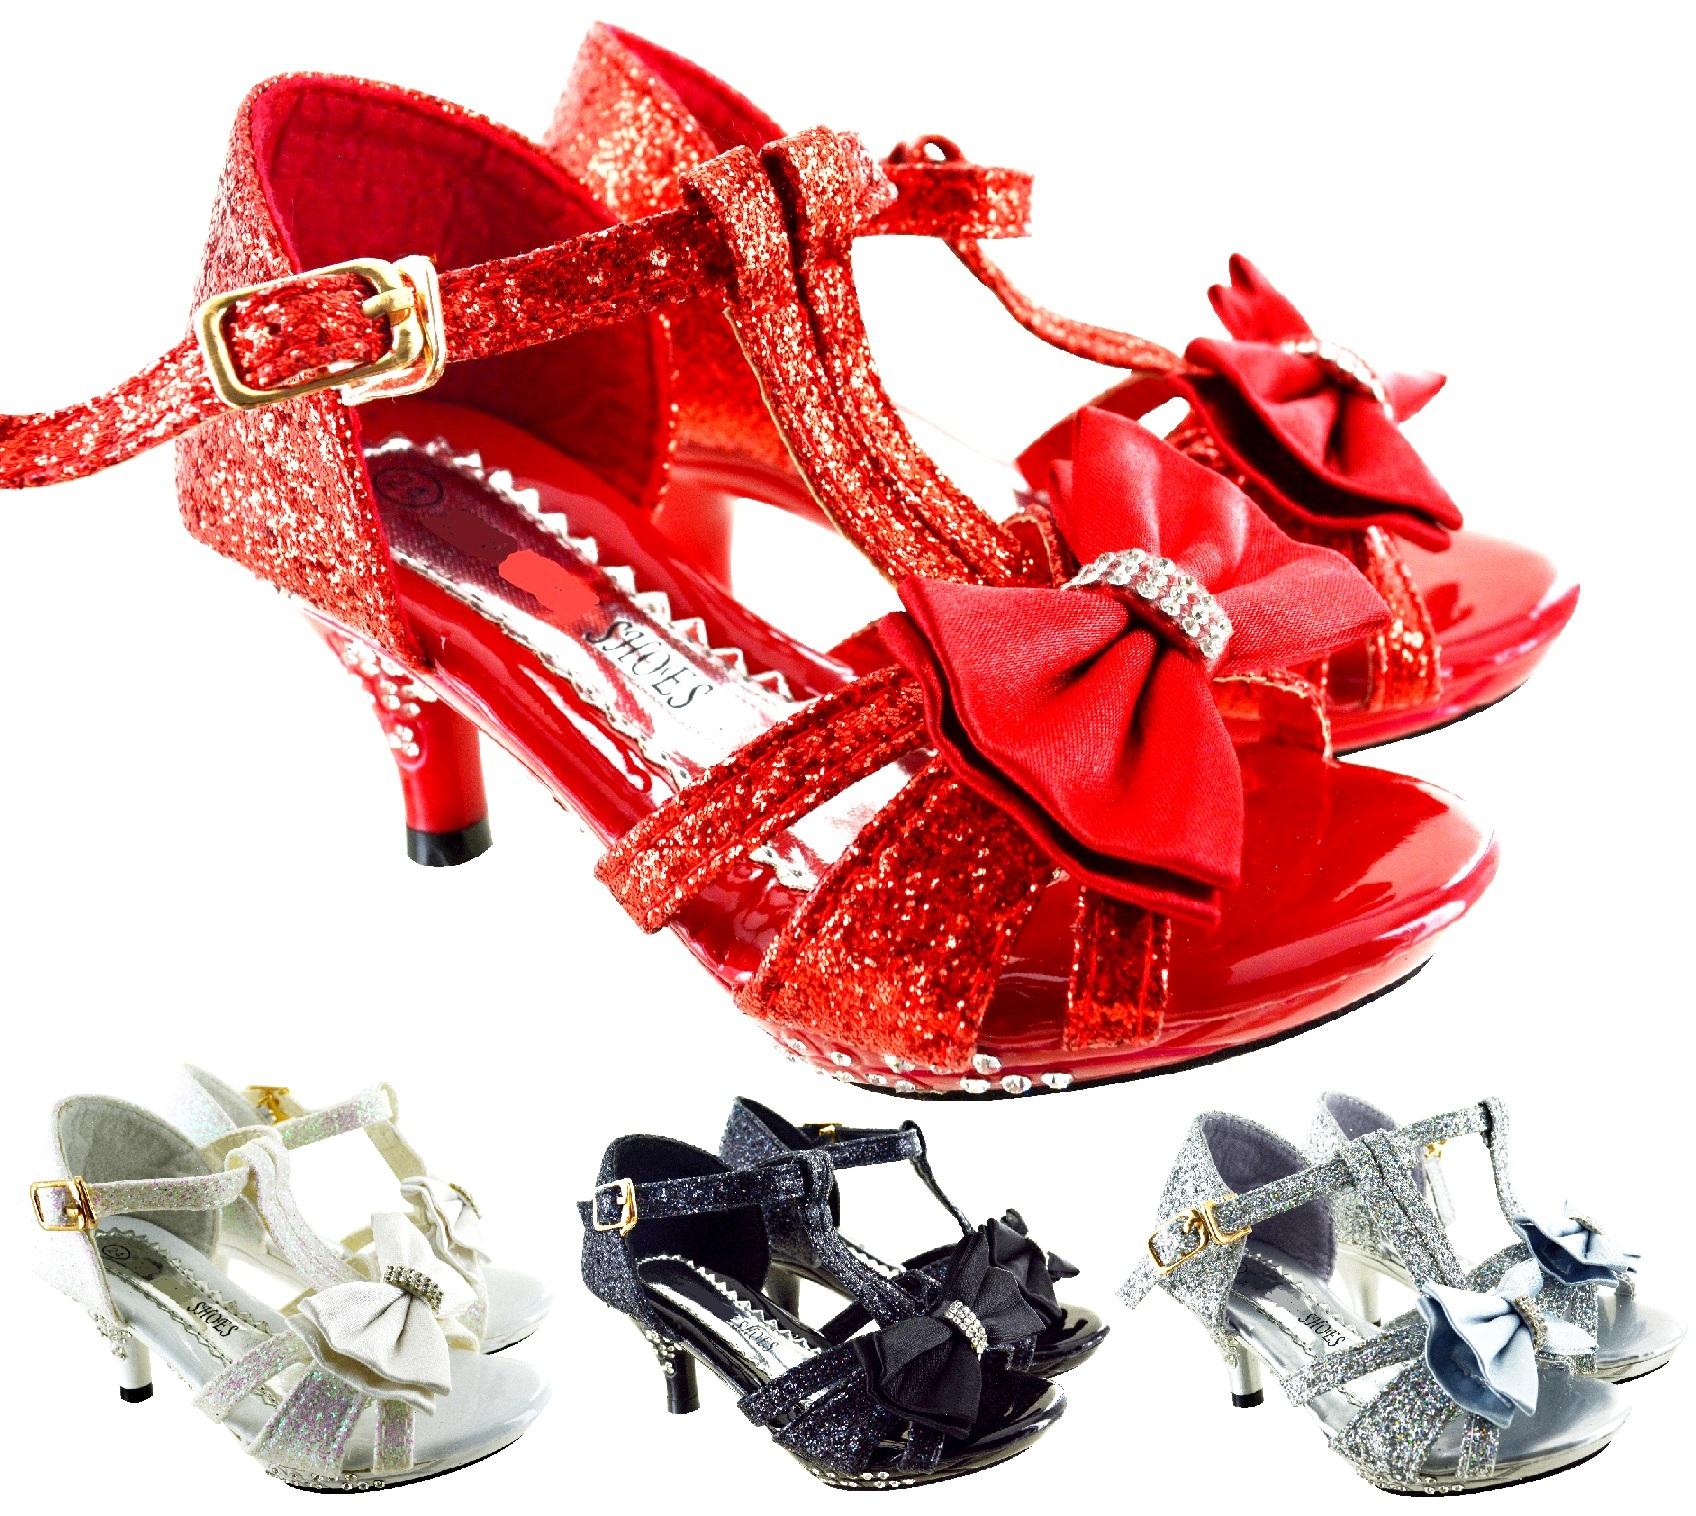 Femmes Rouge Slip-Sur Bout Ouvert Paillettes Mariage Fête Soirée Cour Chaussures Tailles 3-8